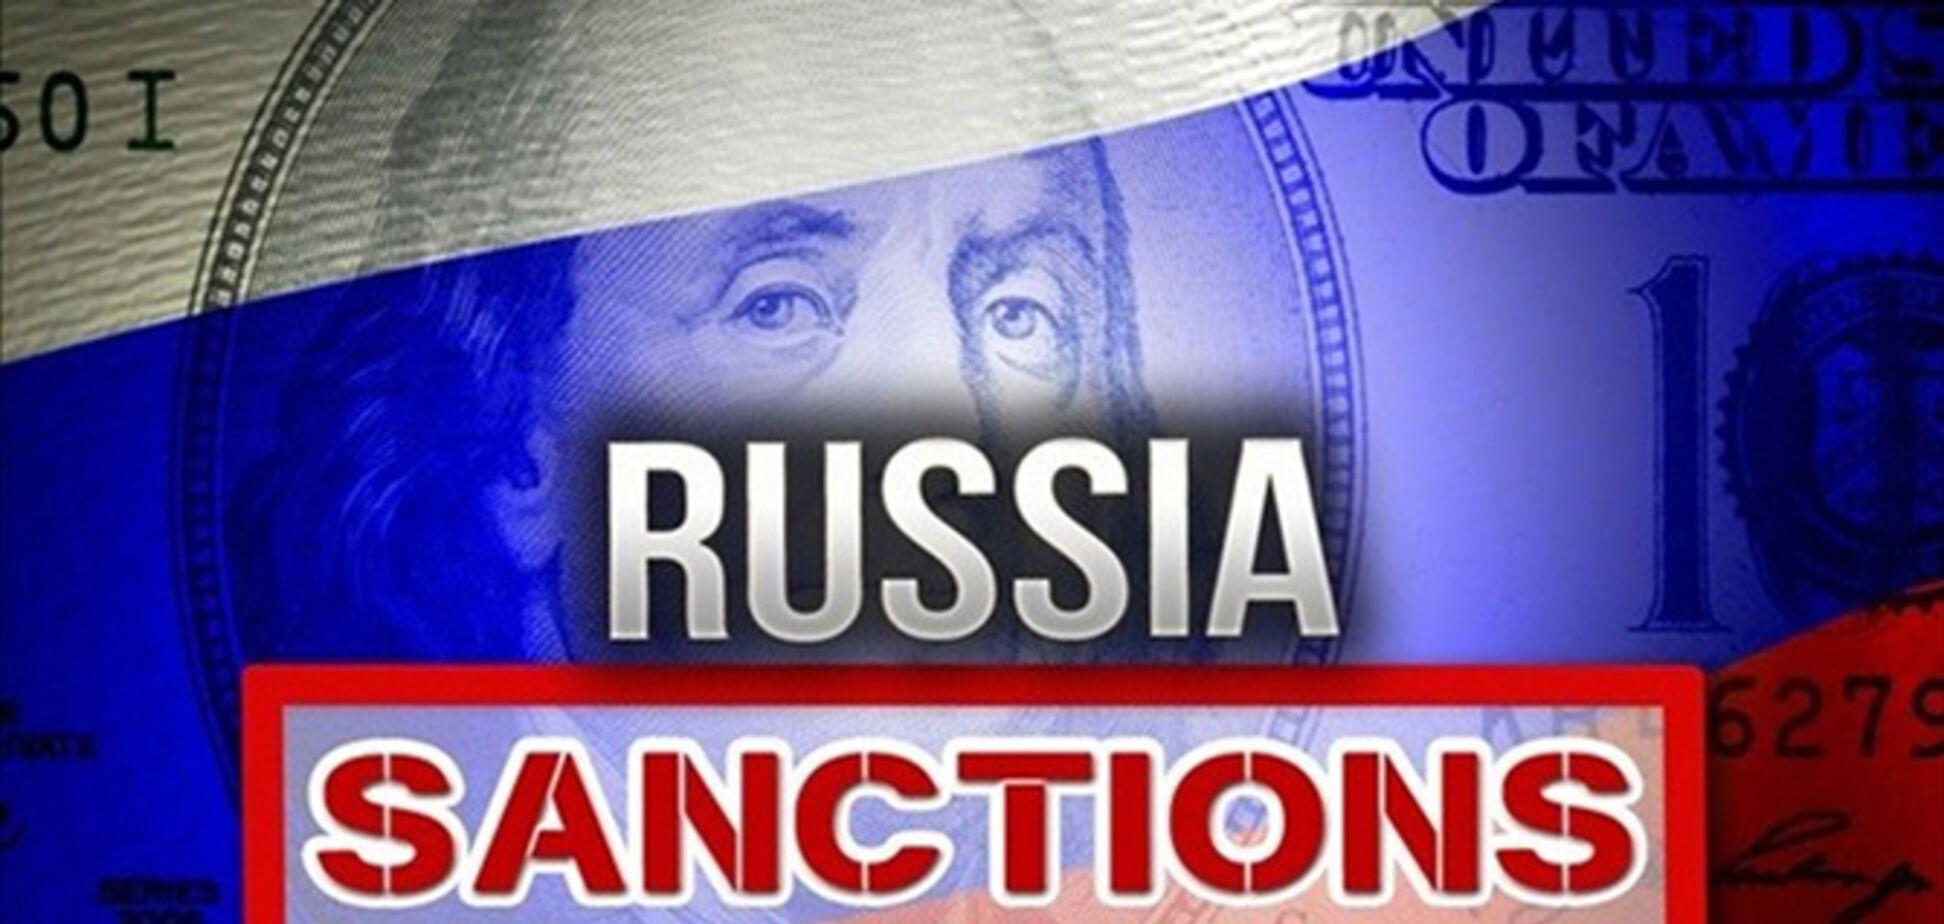 Проїхалися катком: що буде з Росією після нових санкцій США